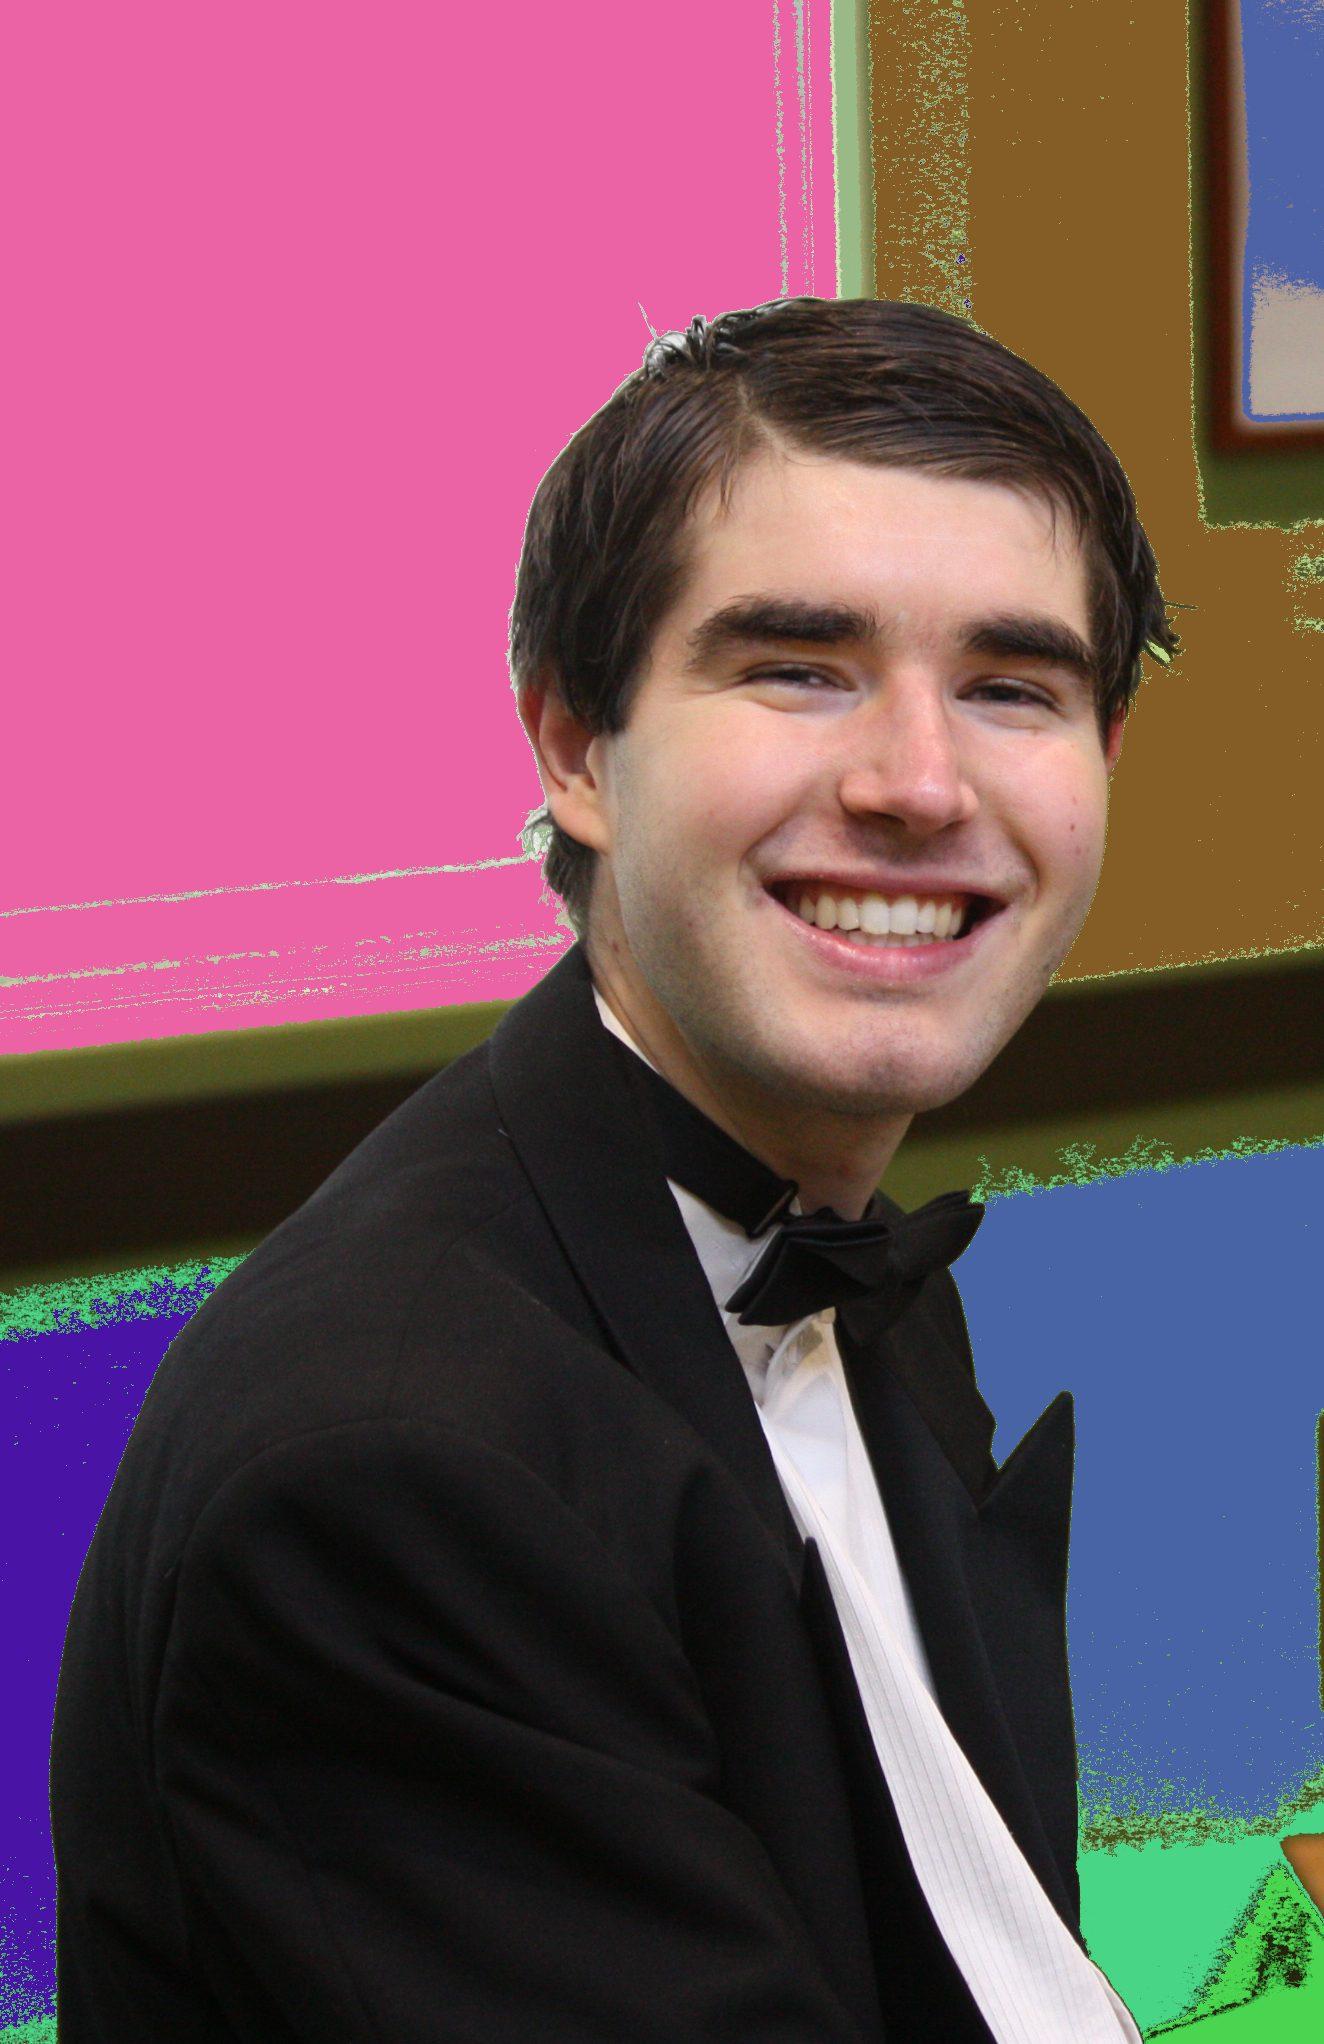 Ian Guthrie